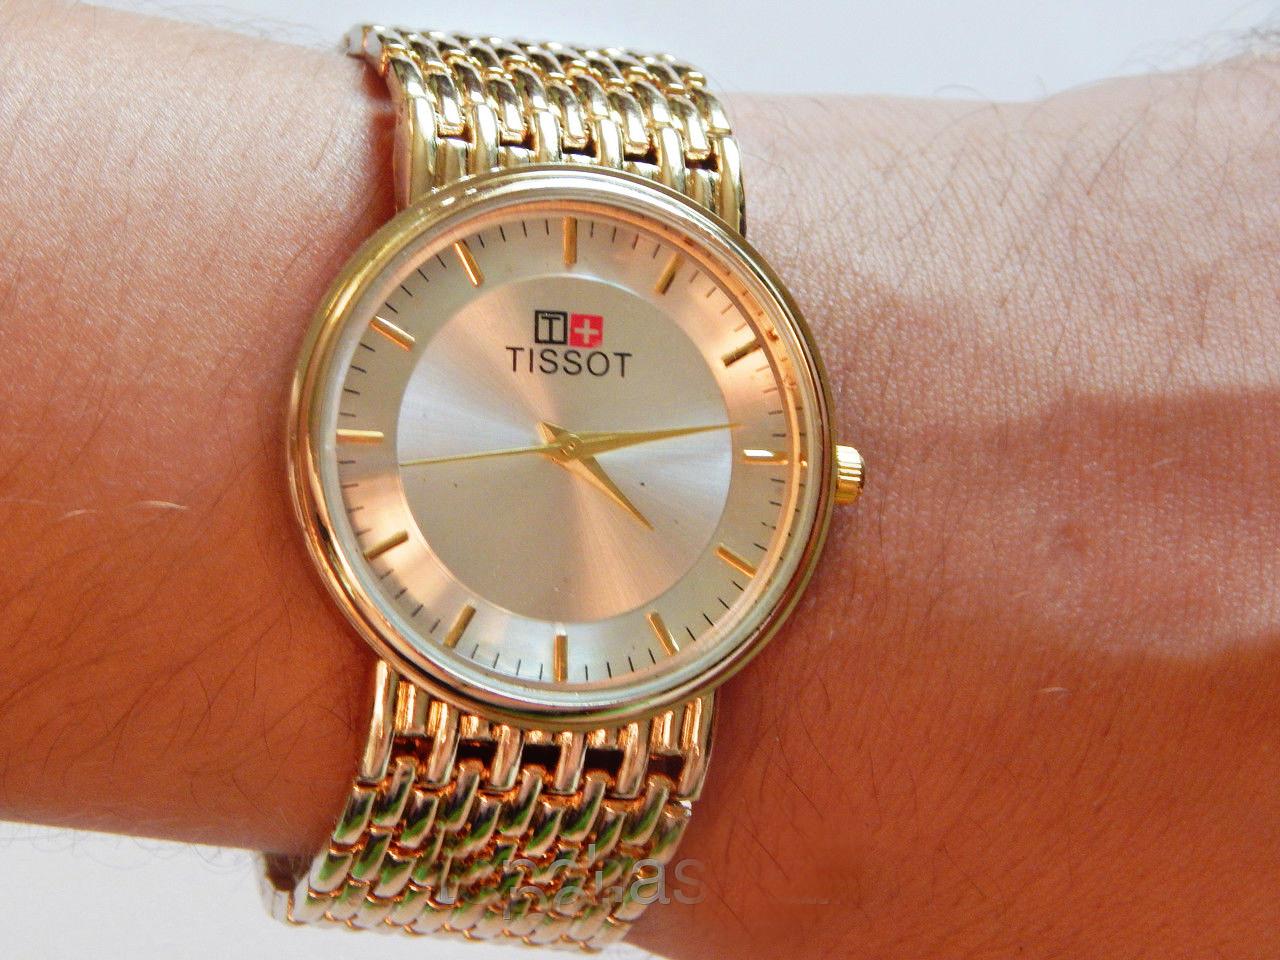 Tissot золотые часы купить часы наручные слава мужские автоподзаводом